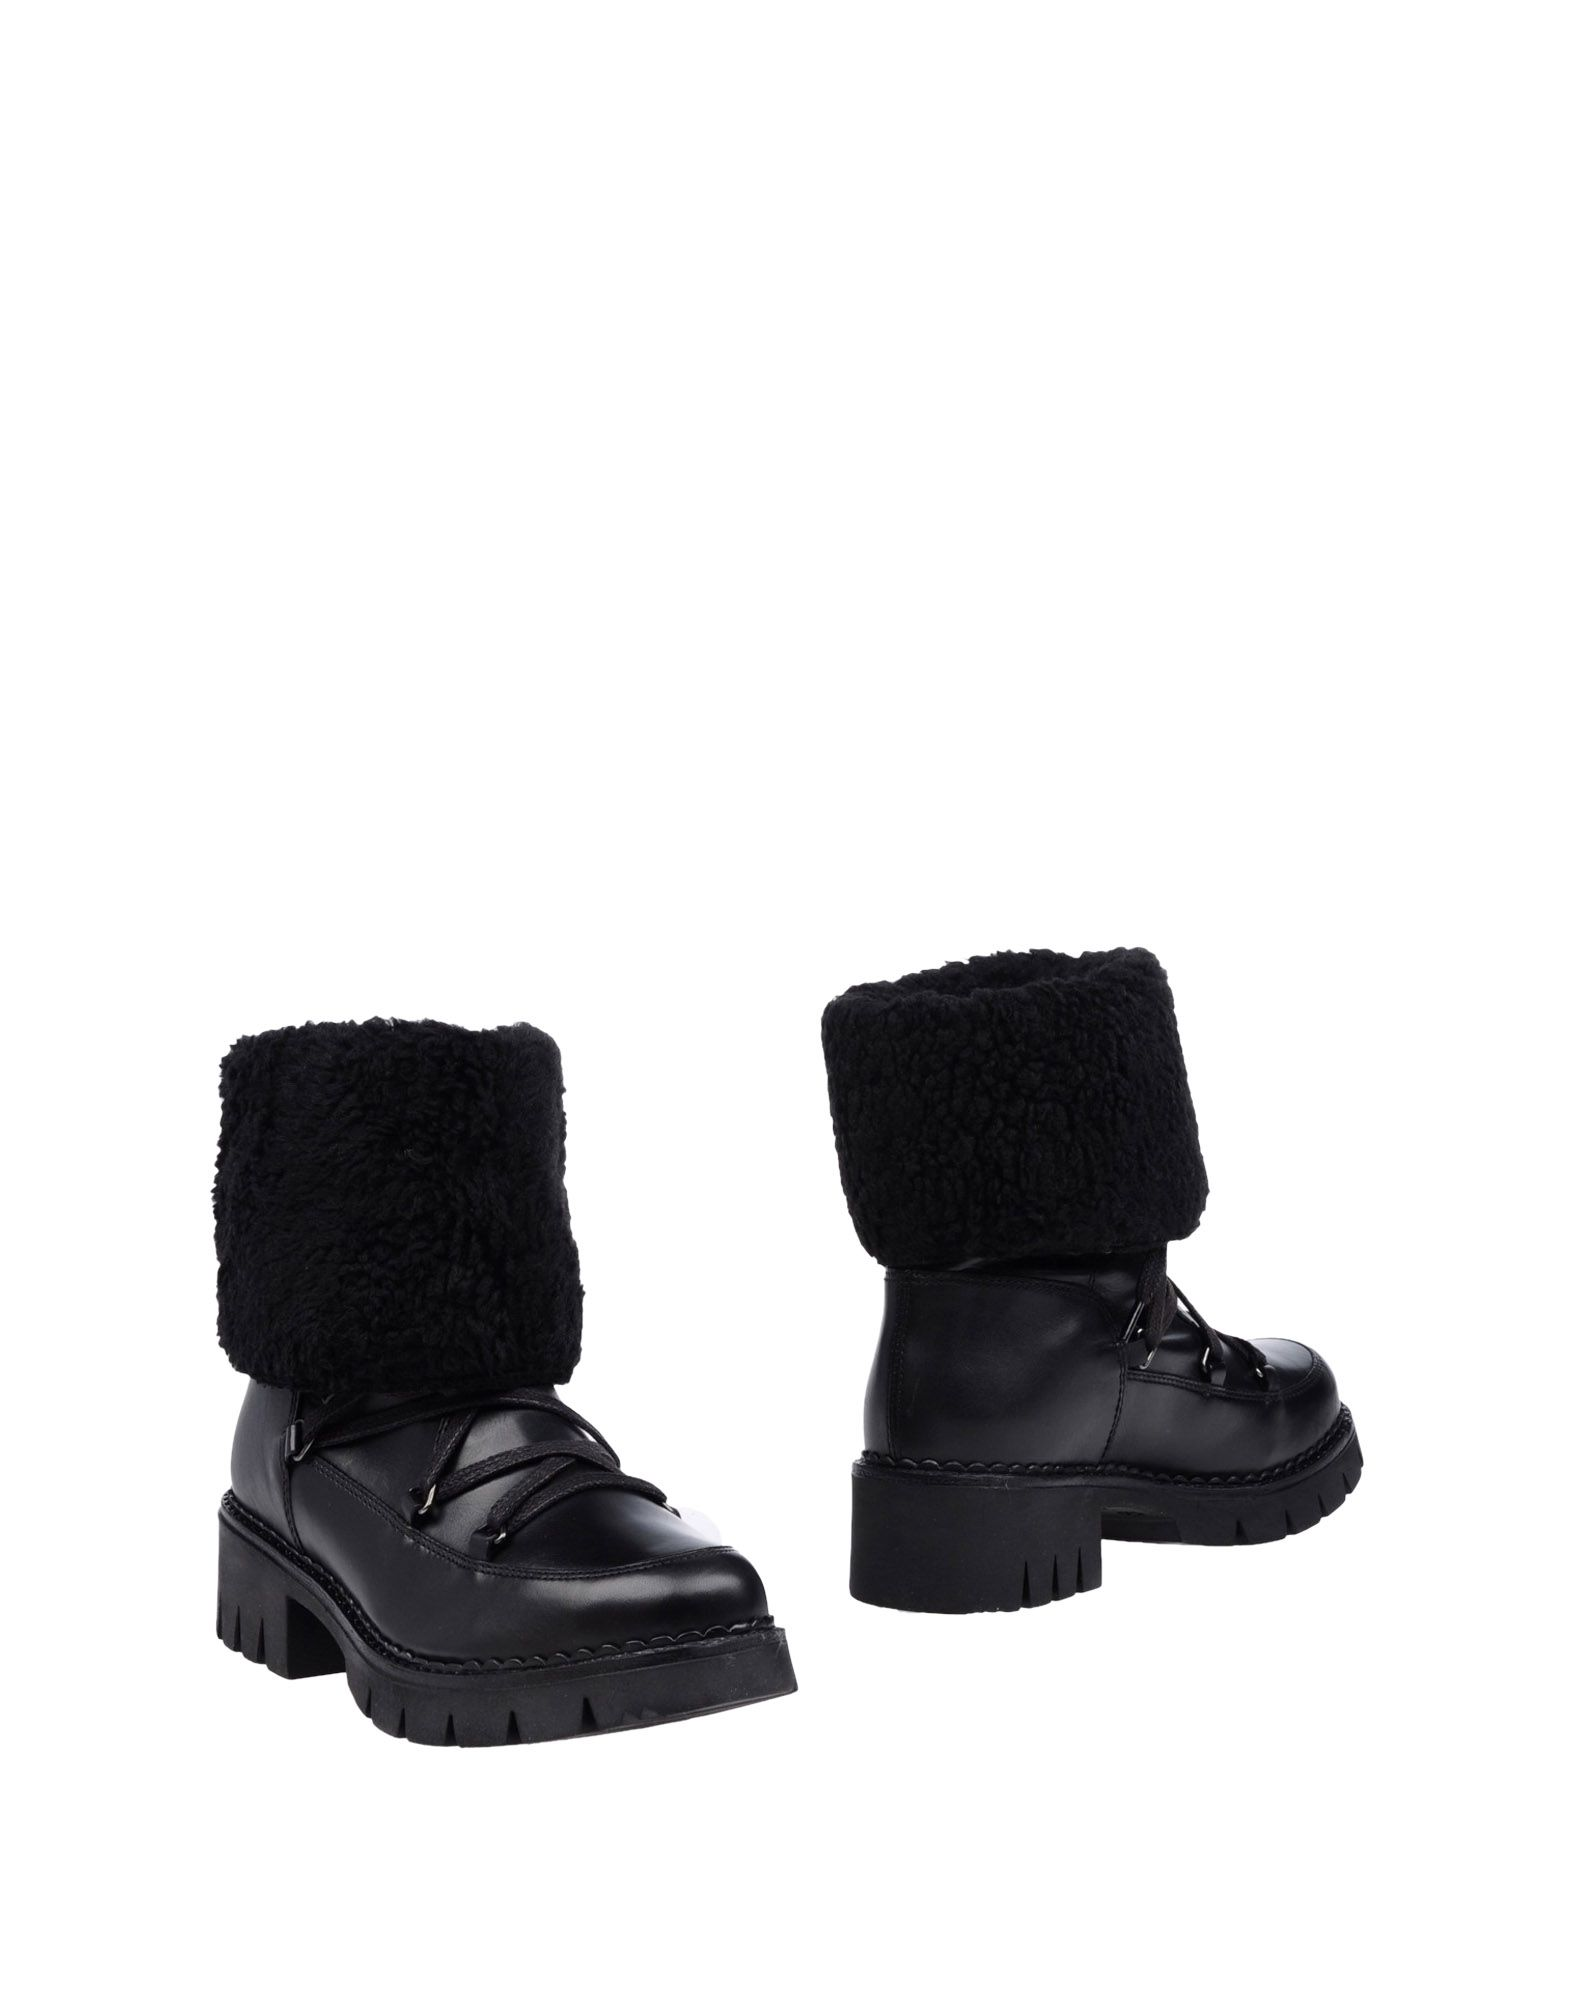 Gusto Stiefelette Damen  11284792BH Gute Qualität beliebte Schuhe